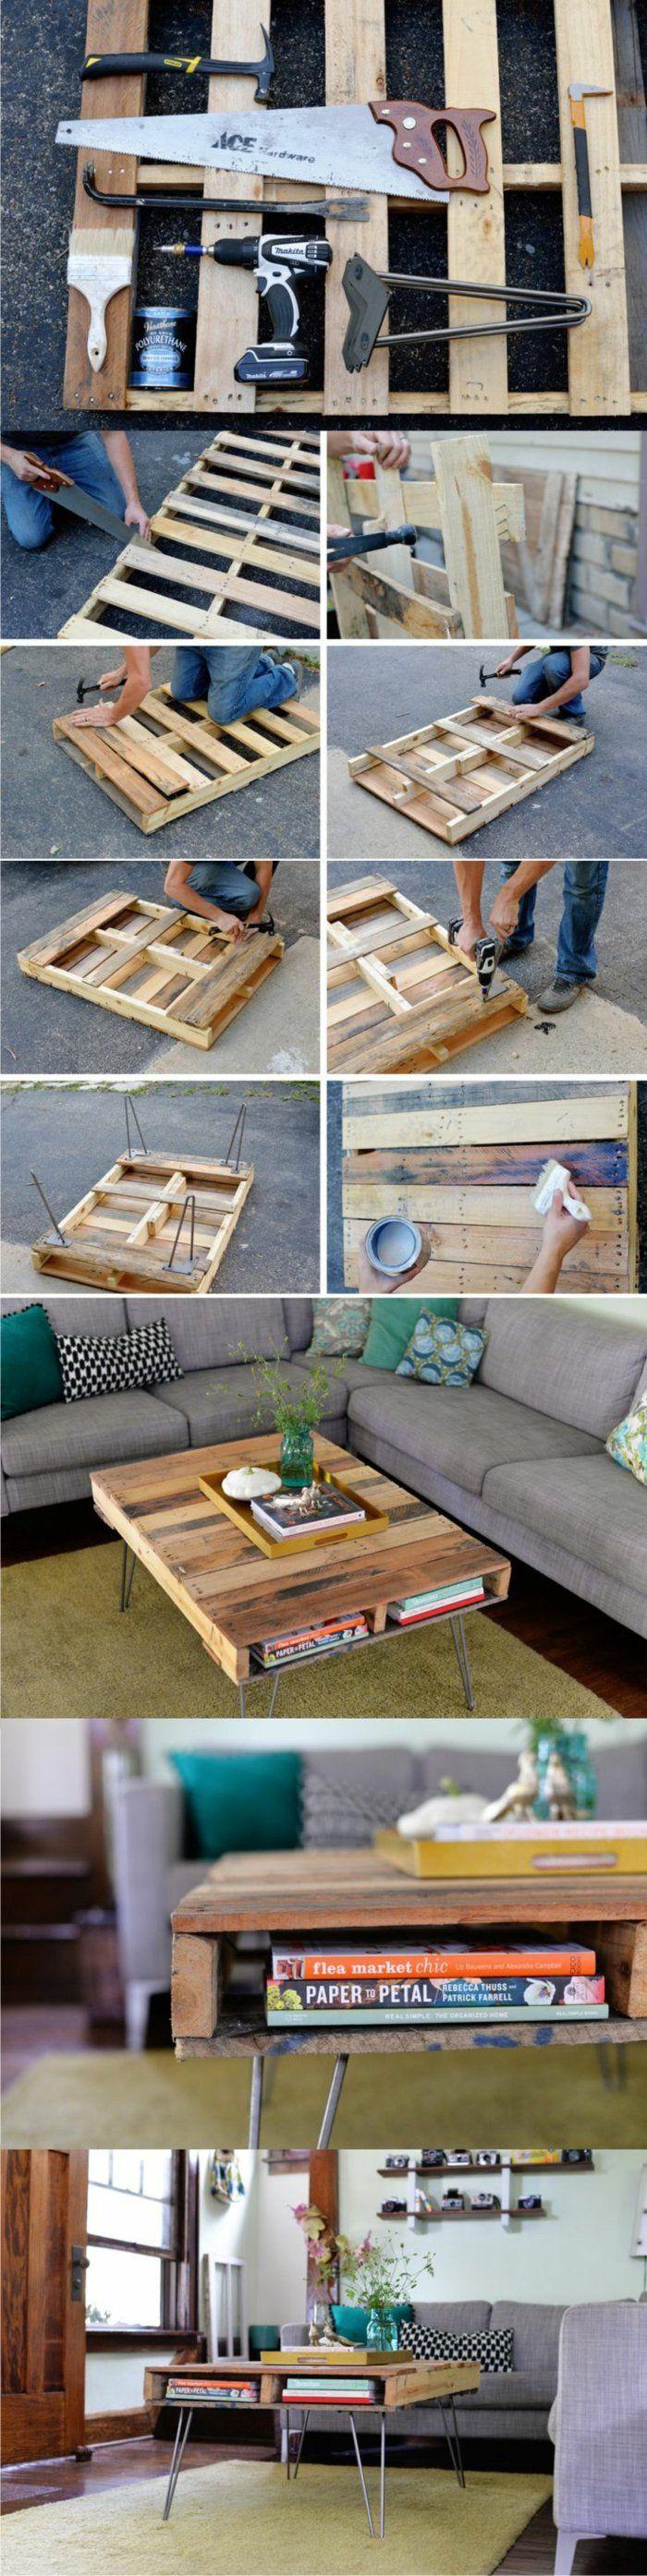 diy m bel wie kann man einen holztisch selber bauen my. Black Bedroom Furniture Sets. Home Design Ideas